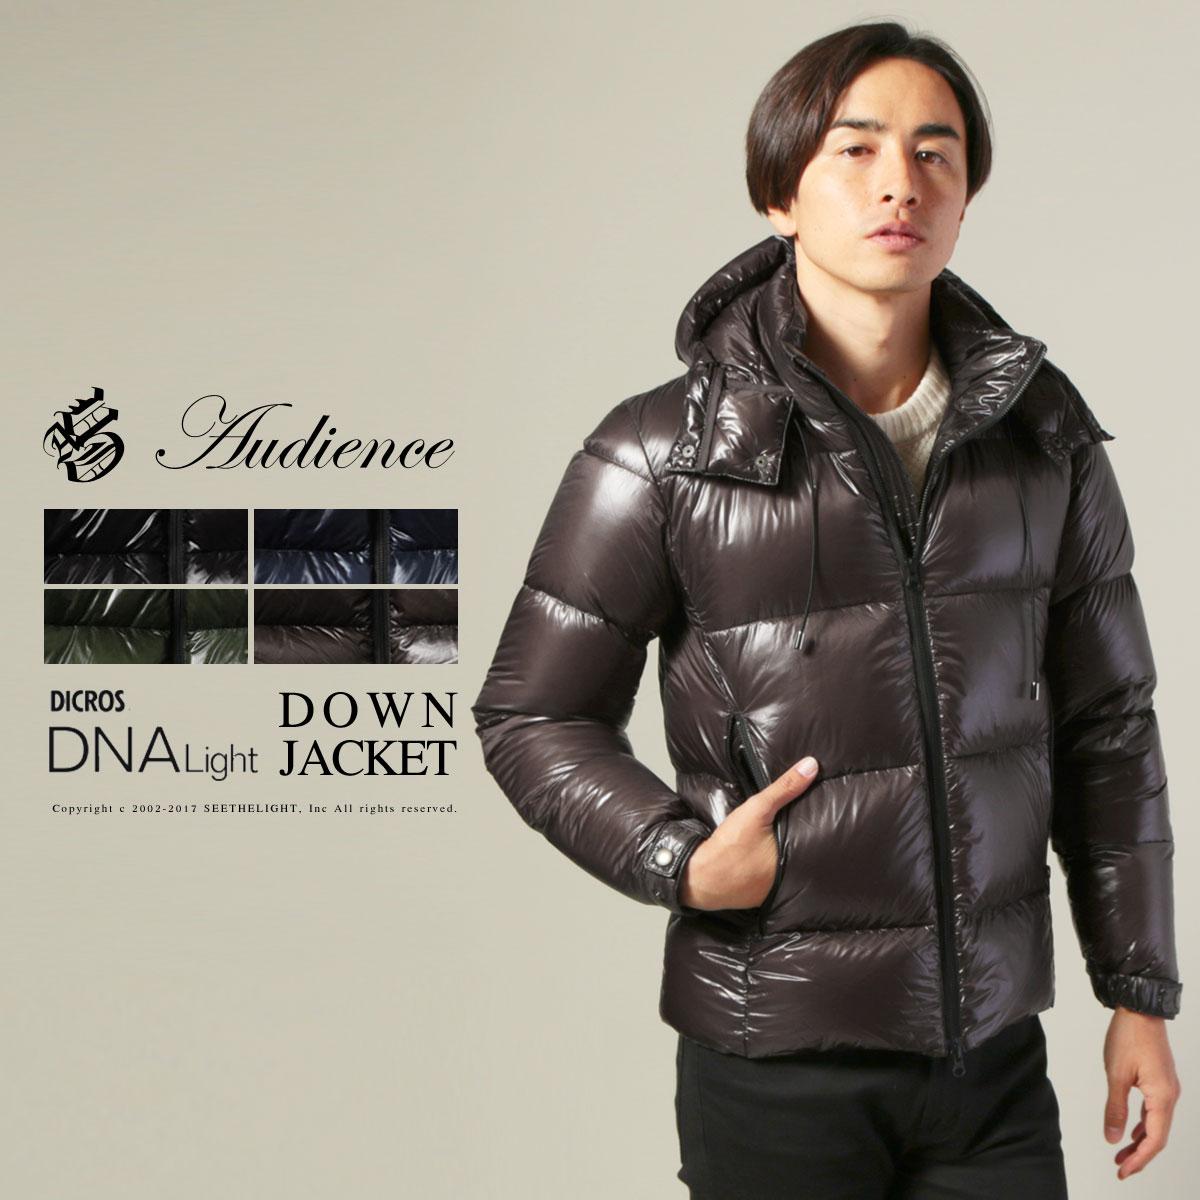 メンズ アウター メンズファッション DICROS DNA LIGHT 脱着 フード ダウン ジャケット Audience オーディエンス≪送料無料・代引き手数料無料≫